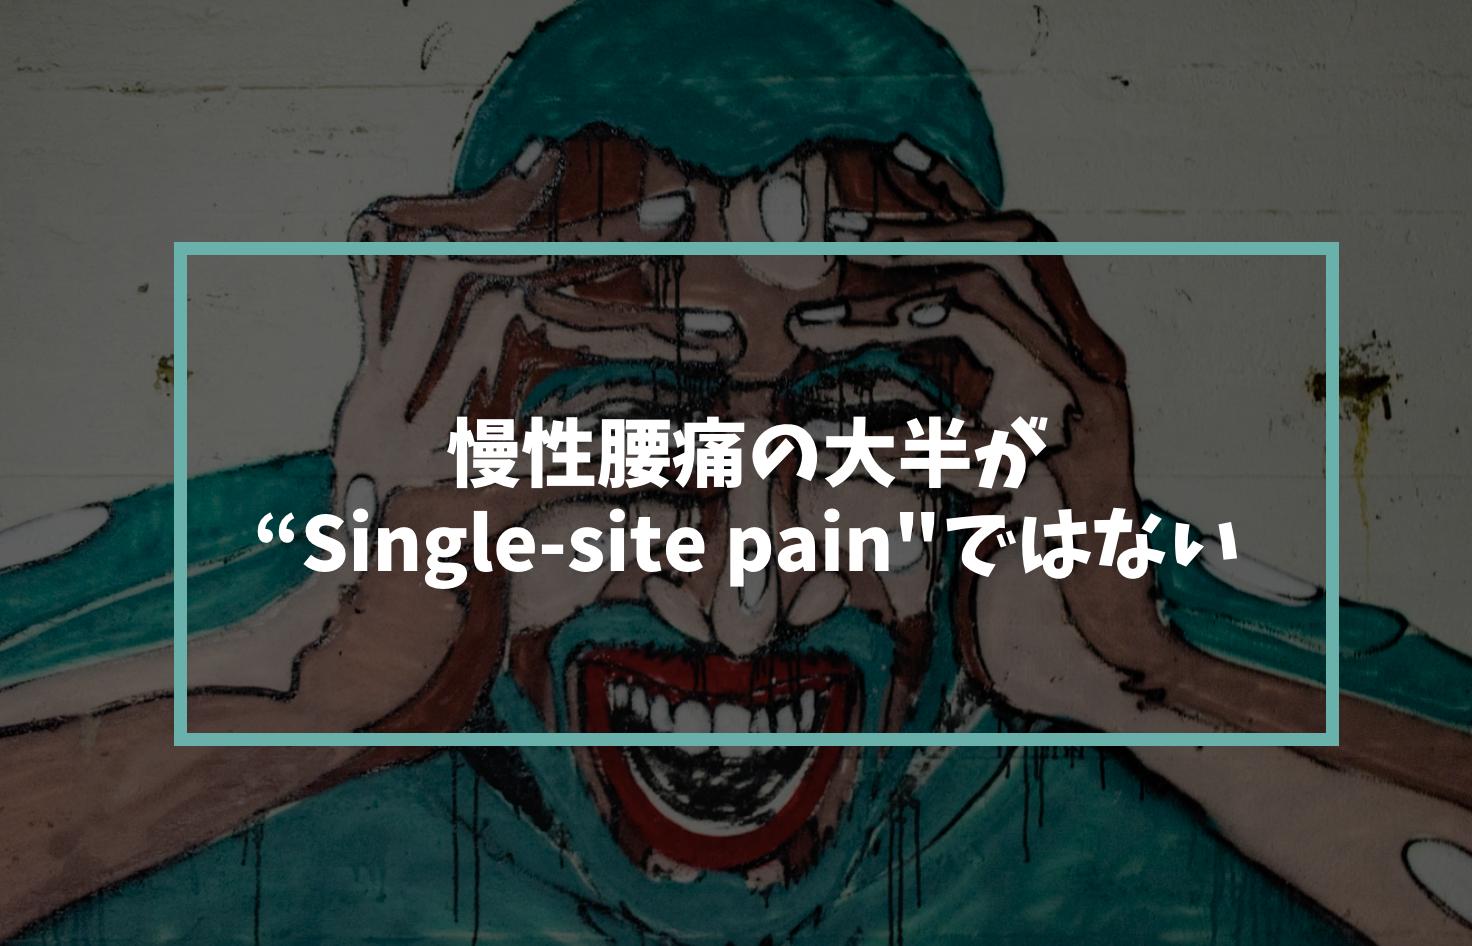 """慢性腰痛の大半が""""Single-site pain""""ではない"""